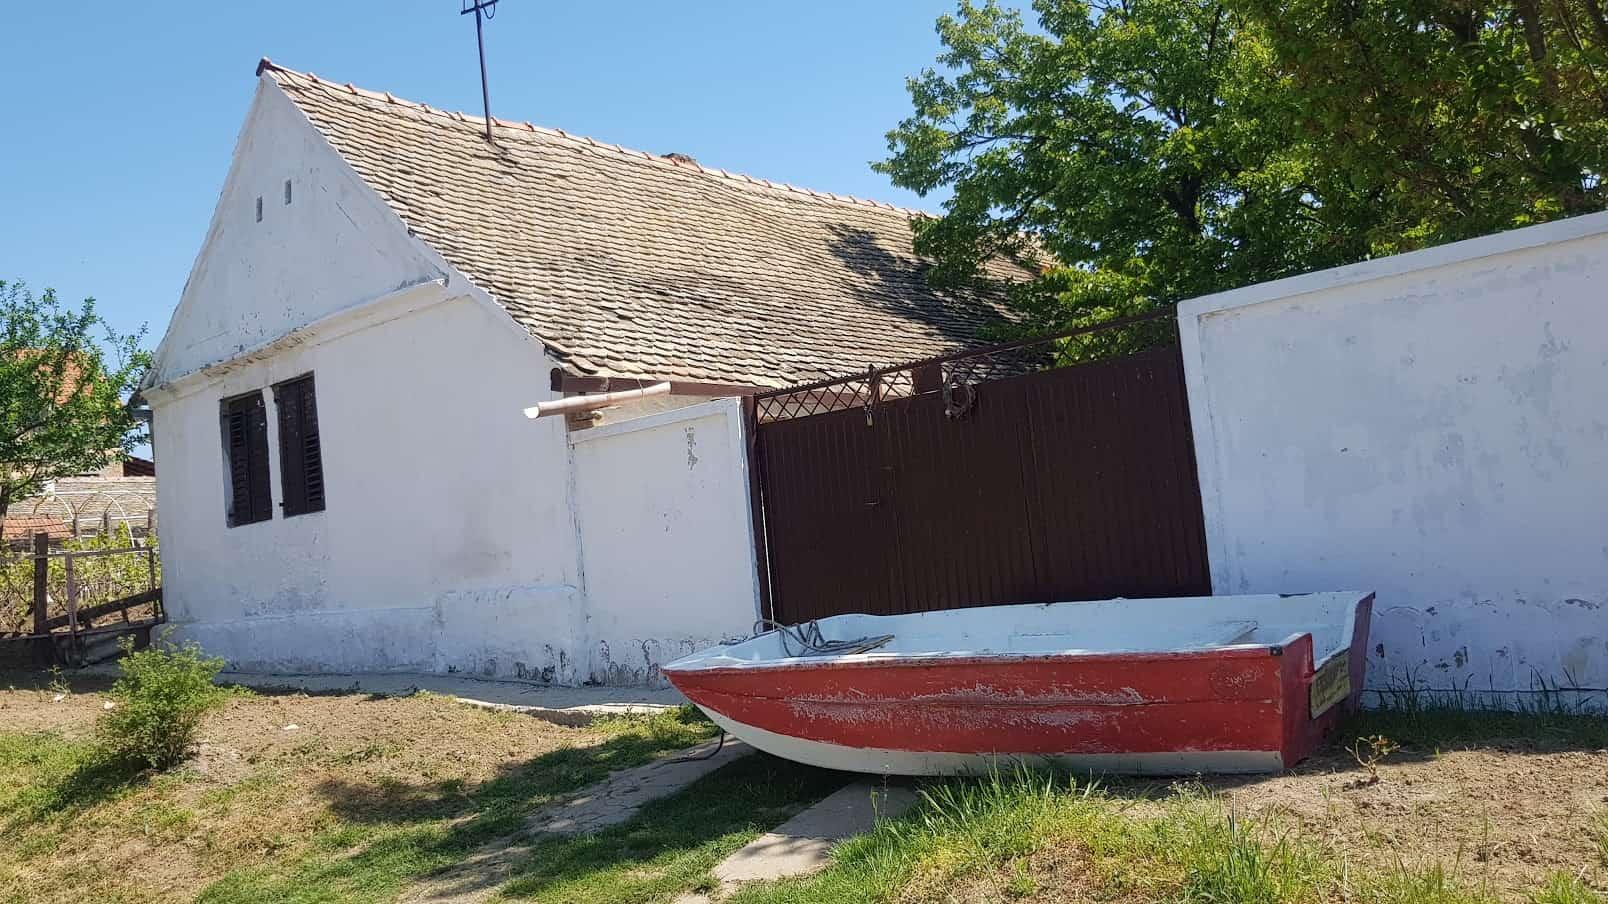 Nasukana panonska mornarica: Kuća u Starom Slankamenu